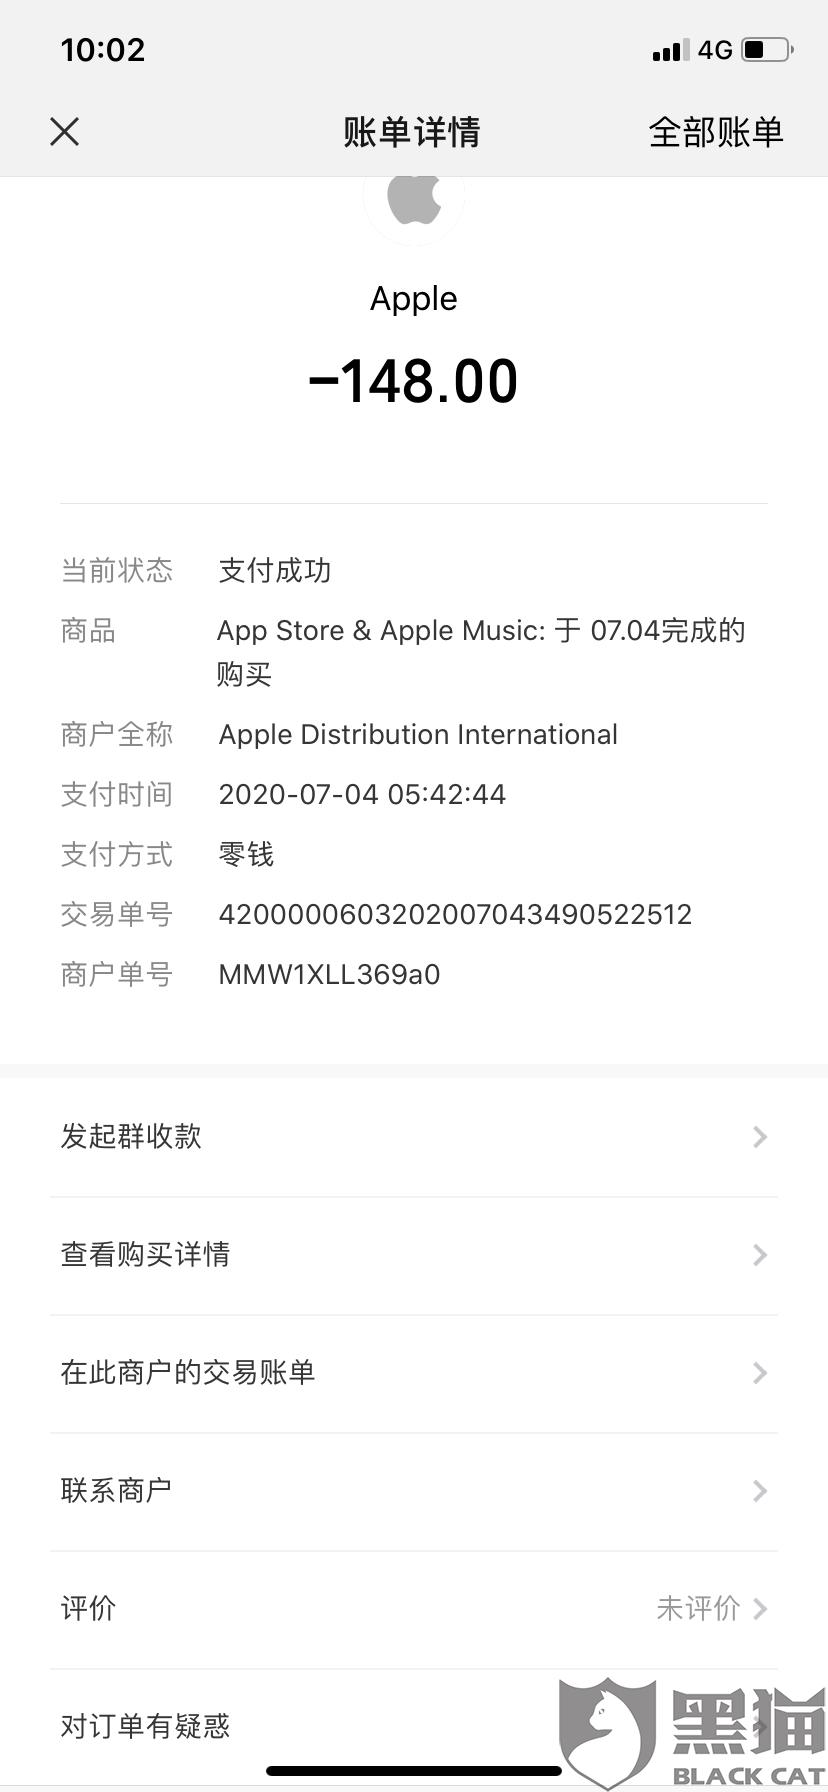 黑猫投诉:苹果应用PsExpress自动扣掉年费148元